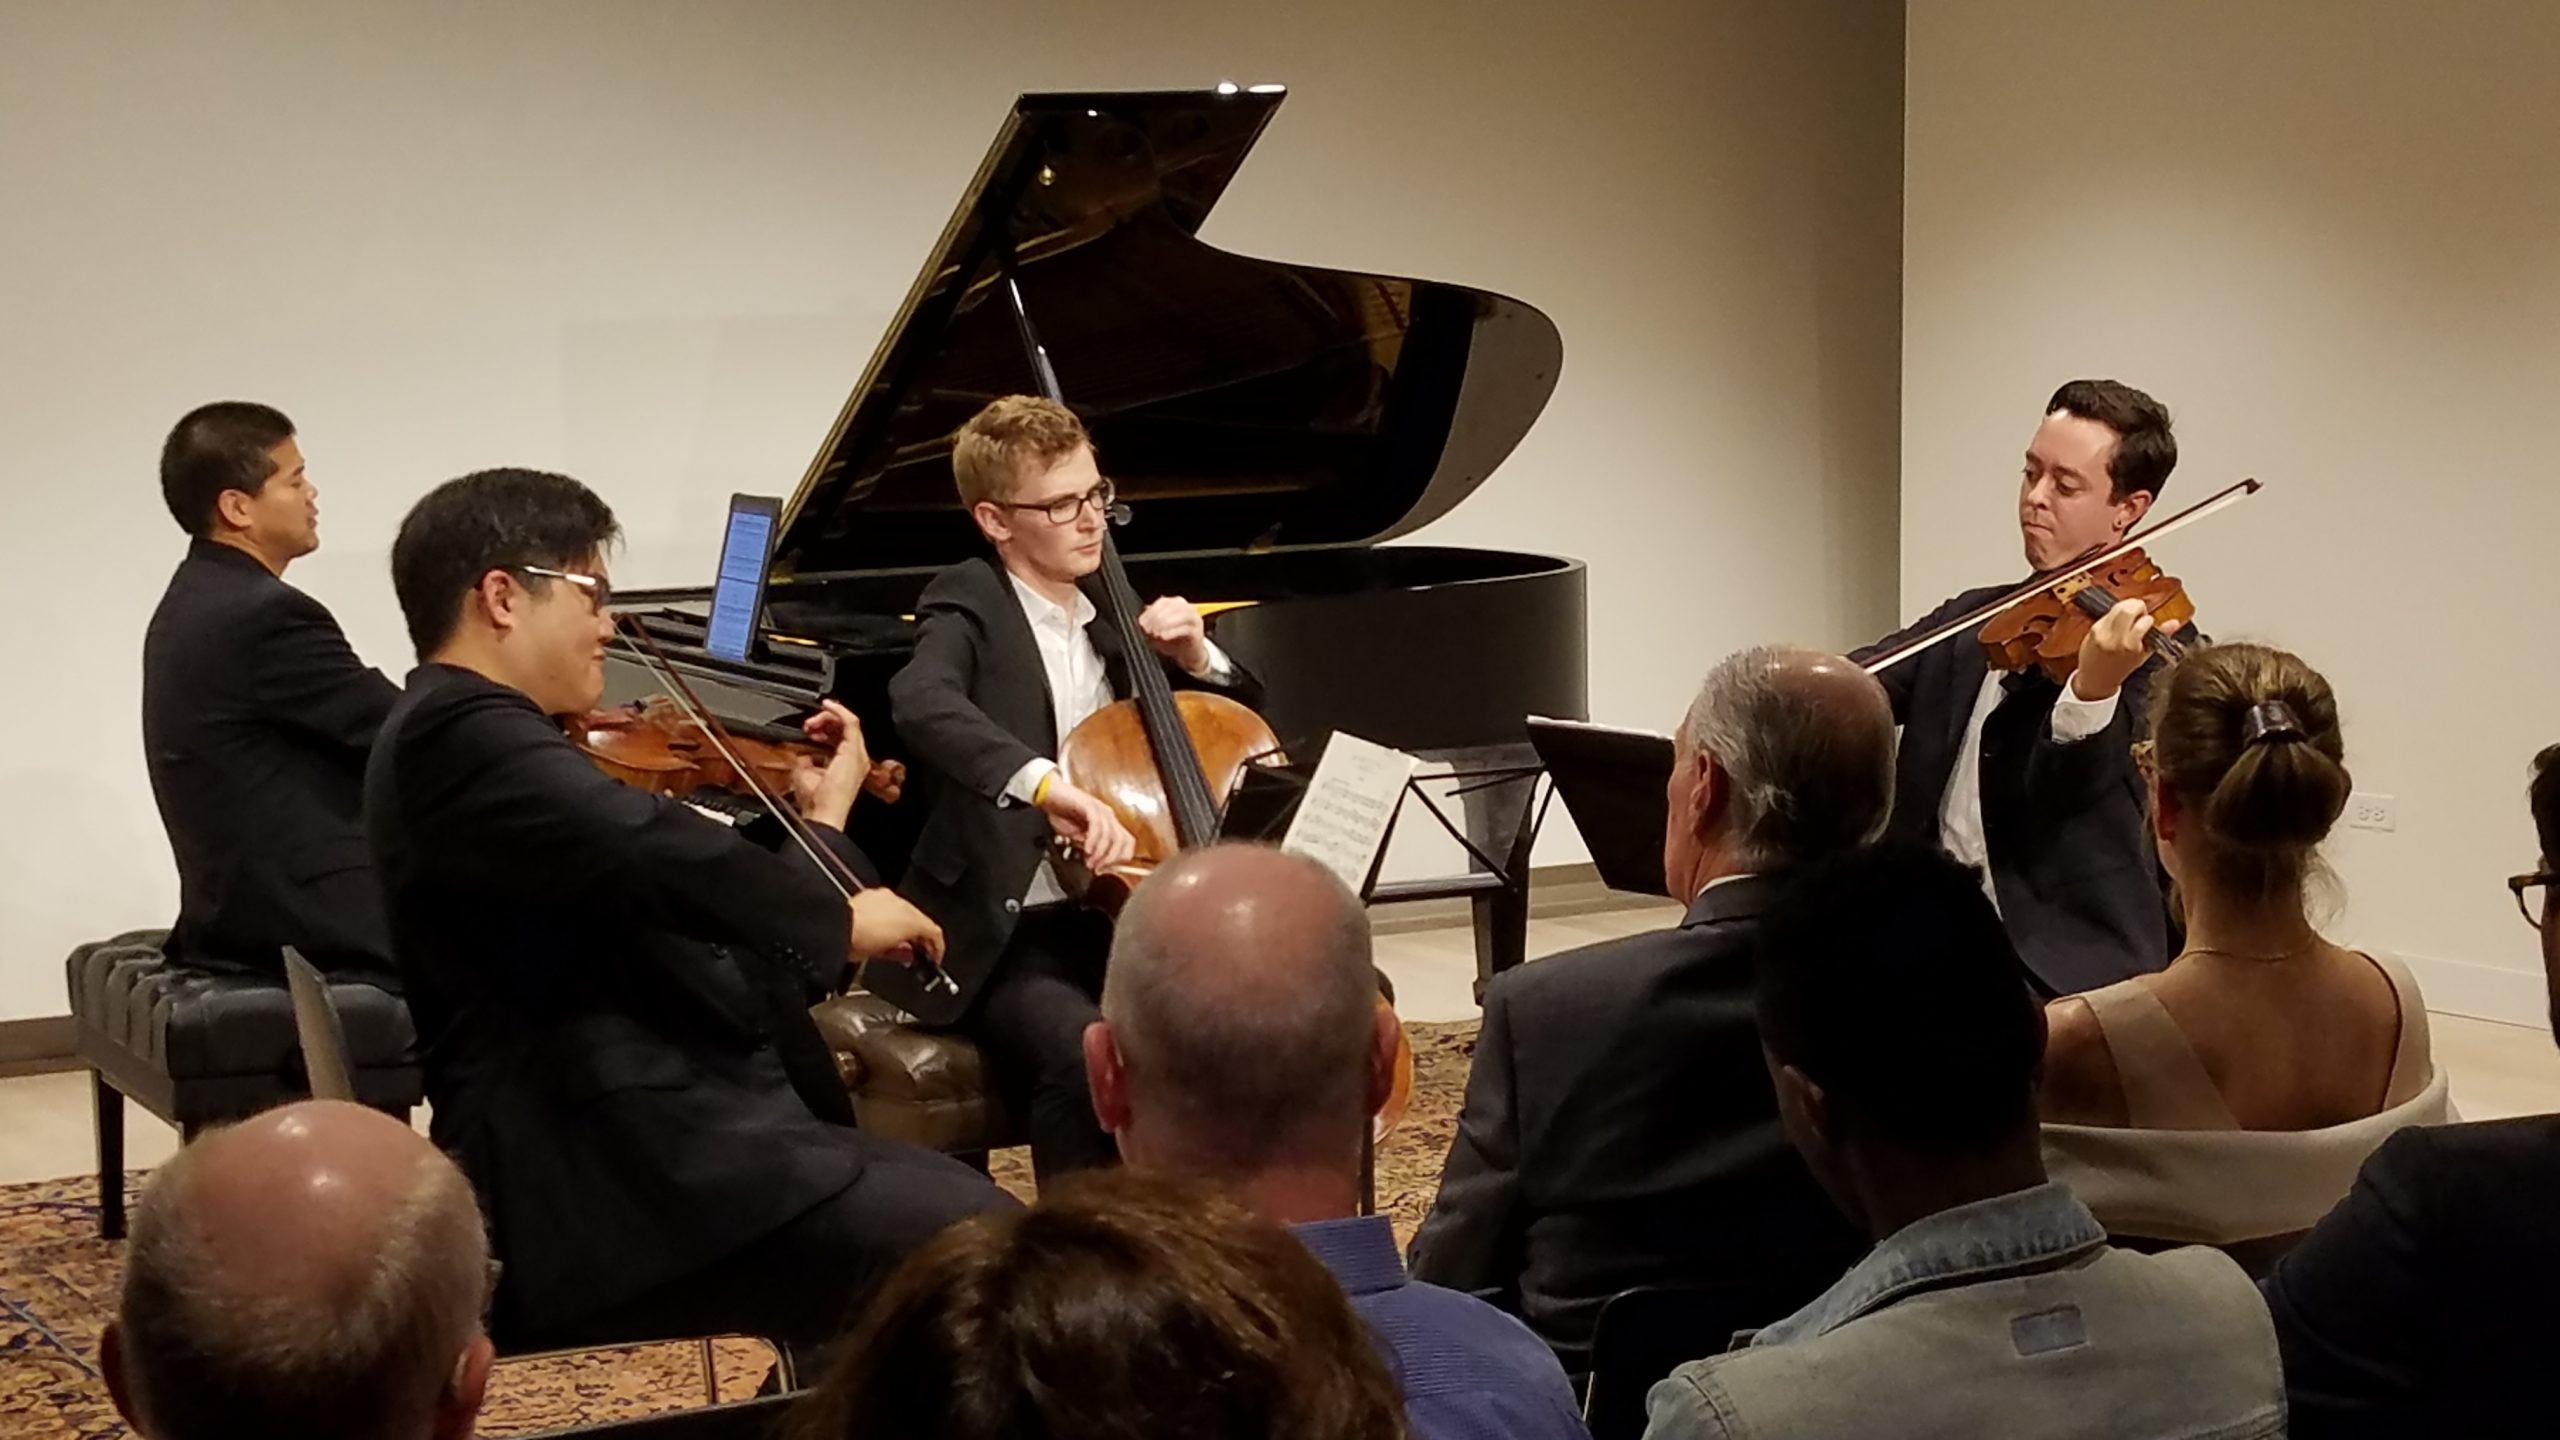 NEXUS Chamber Music Chicago at Guarneri Hall